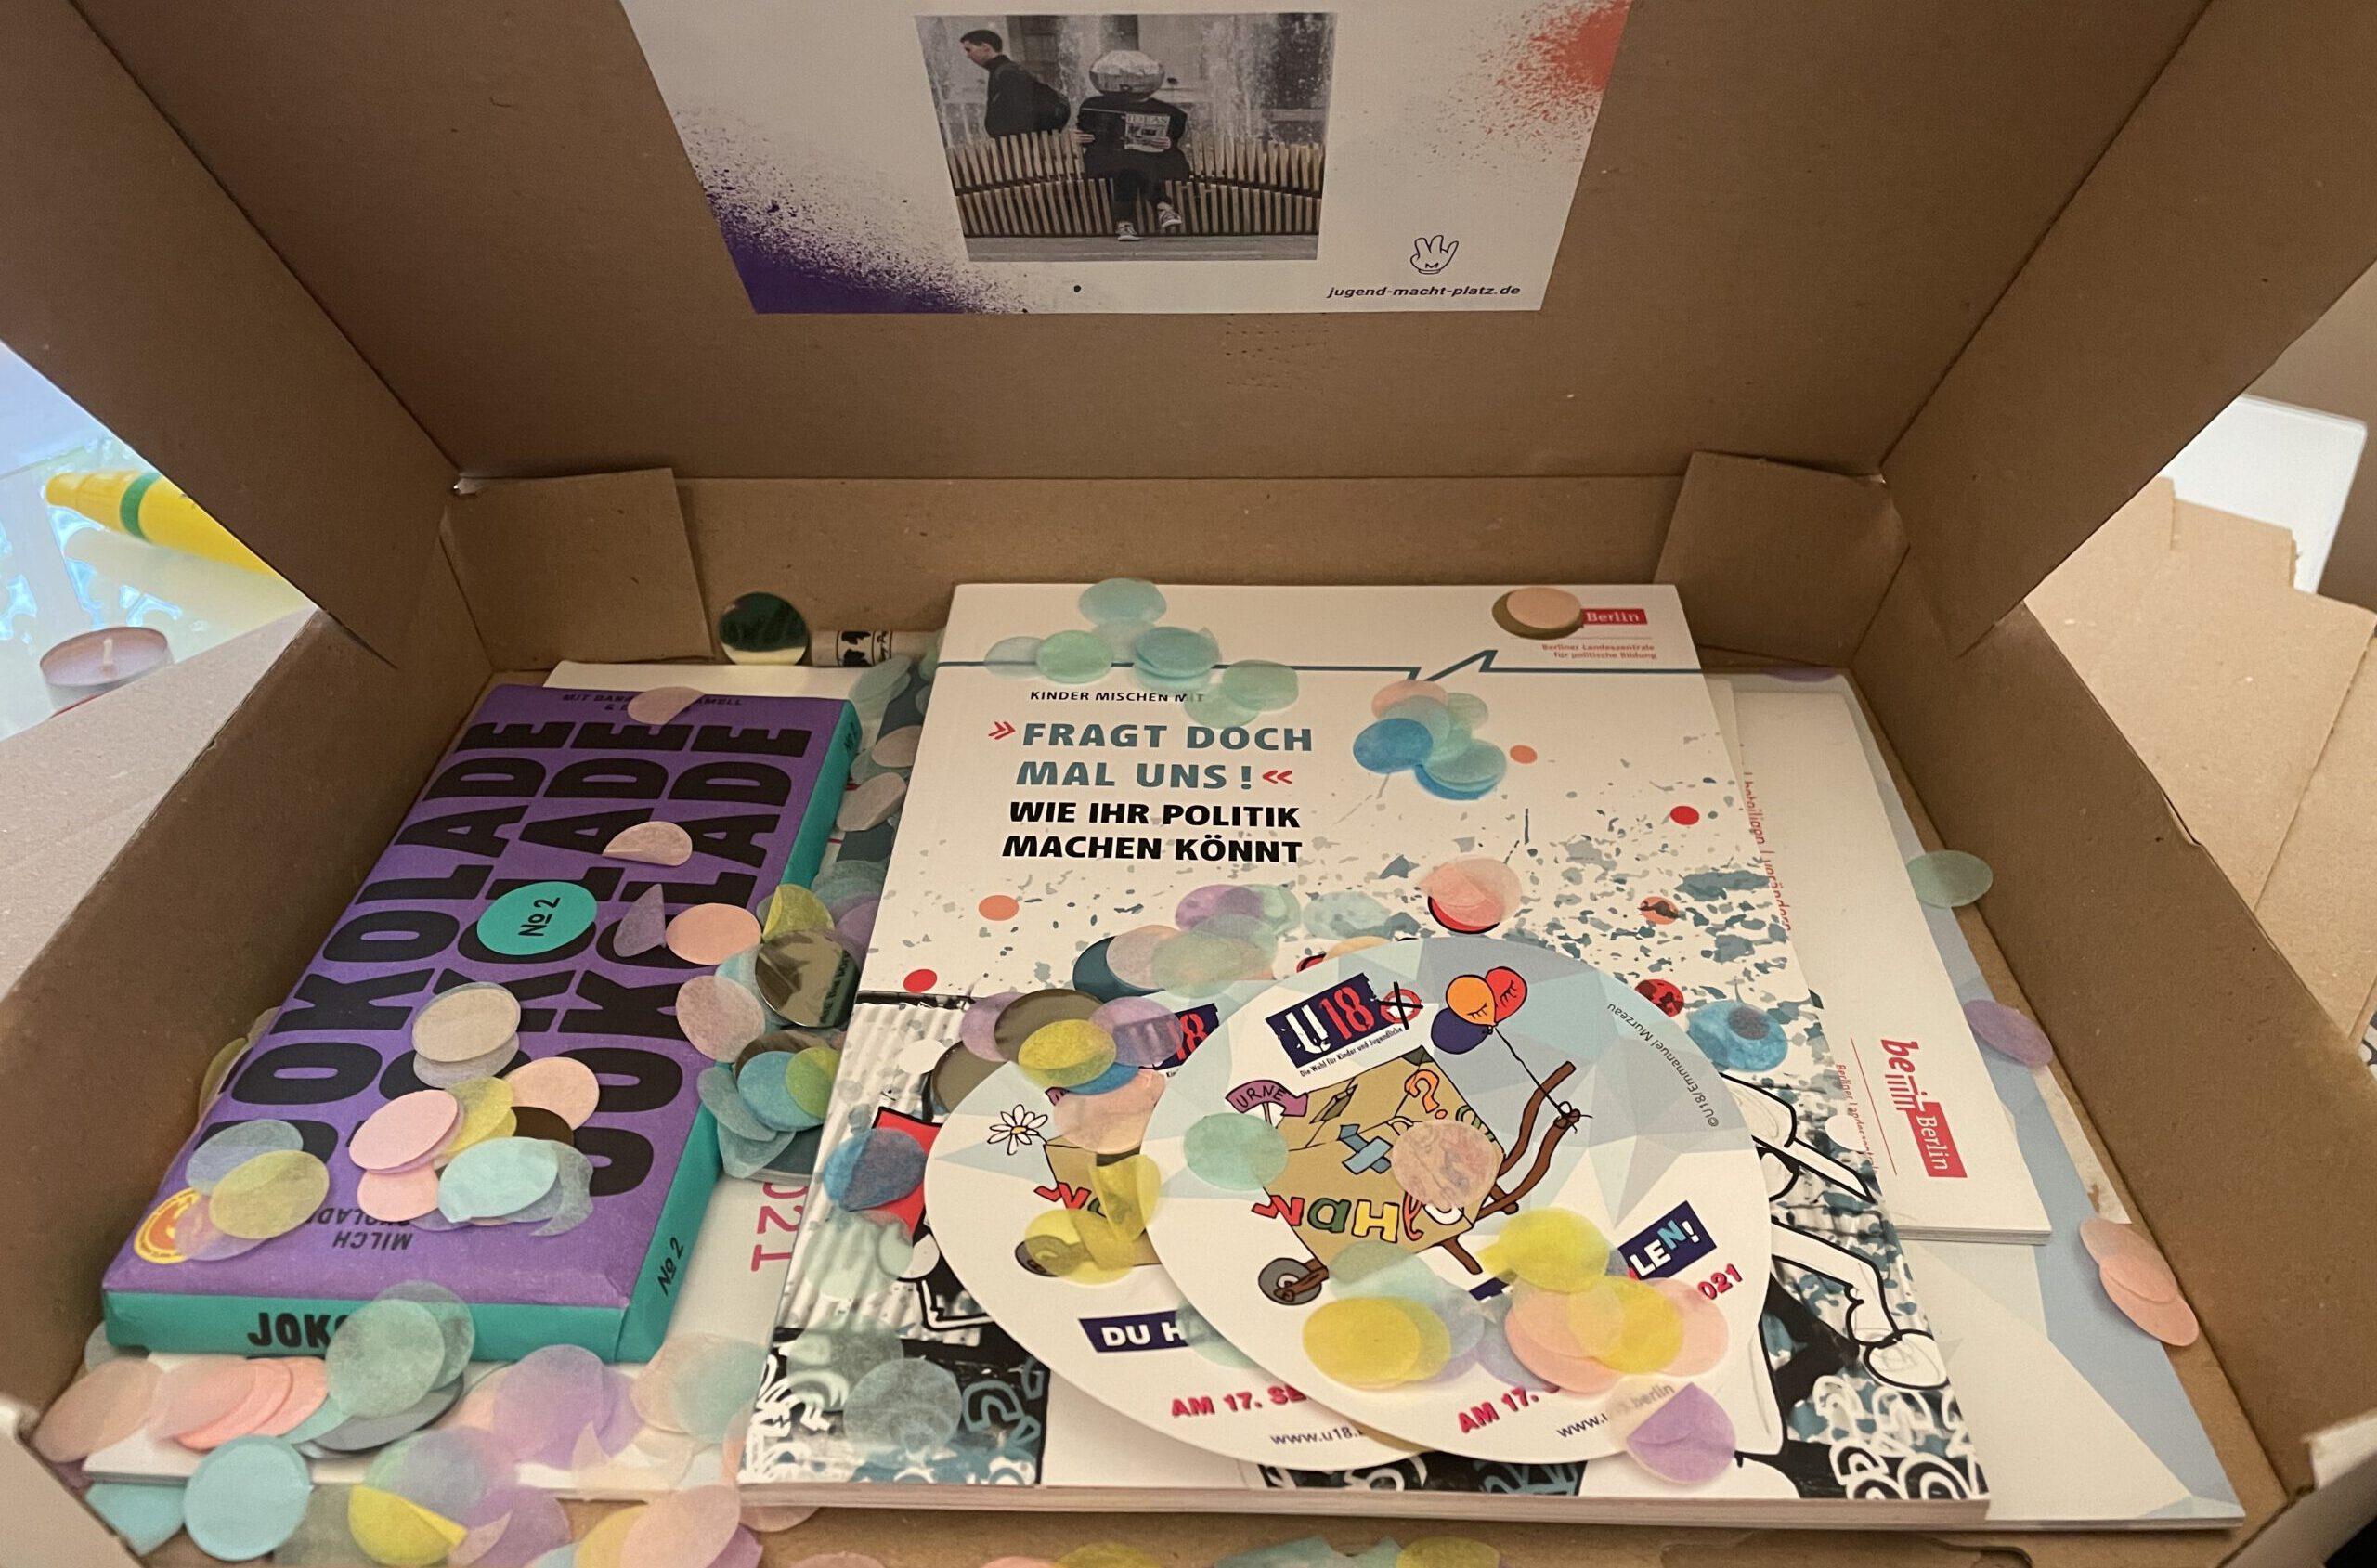 Ein Blick in die bunte Superwahlbox, mit Infobroschüren, Stickern, Konfetti und guter Jokolade © SJB, 2021